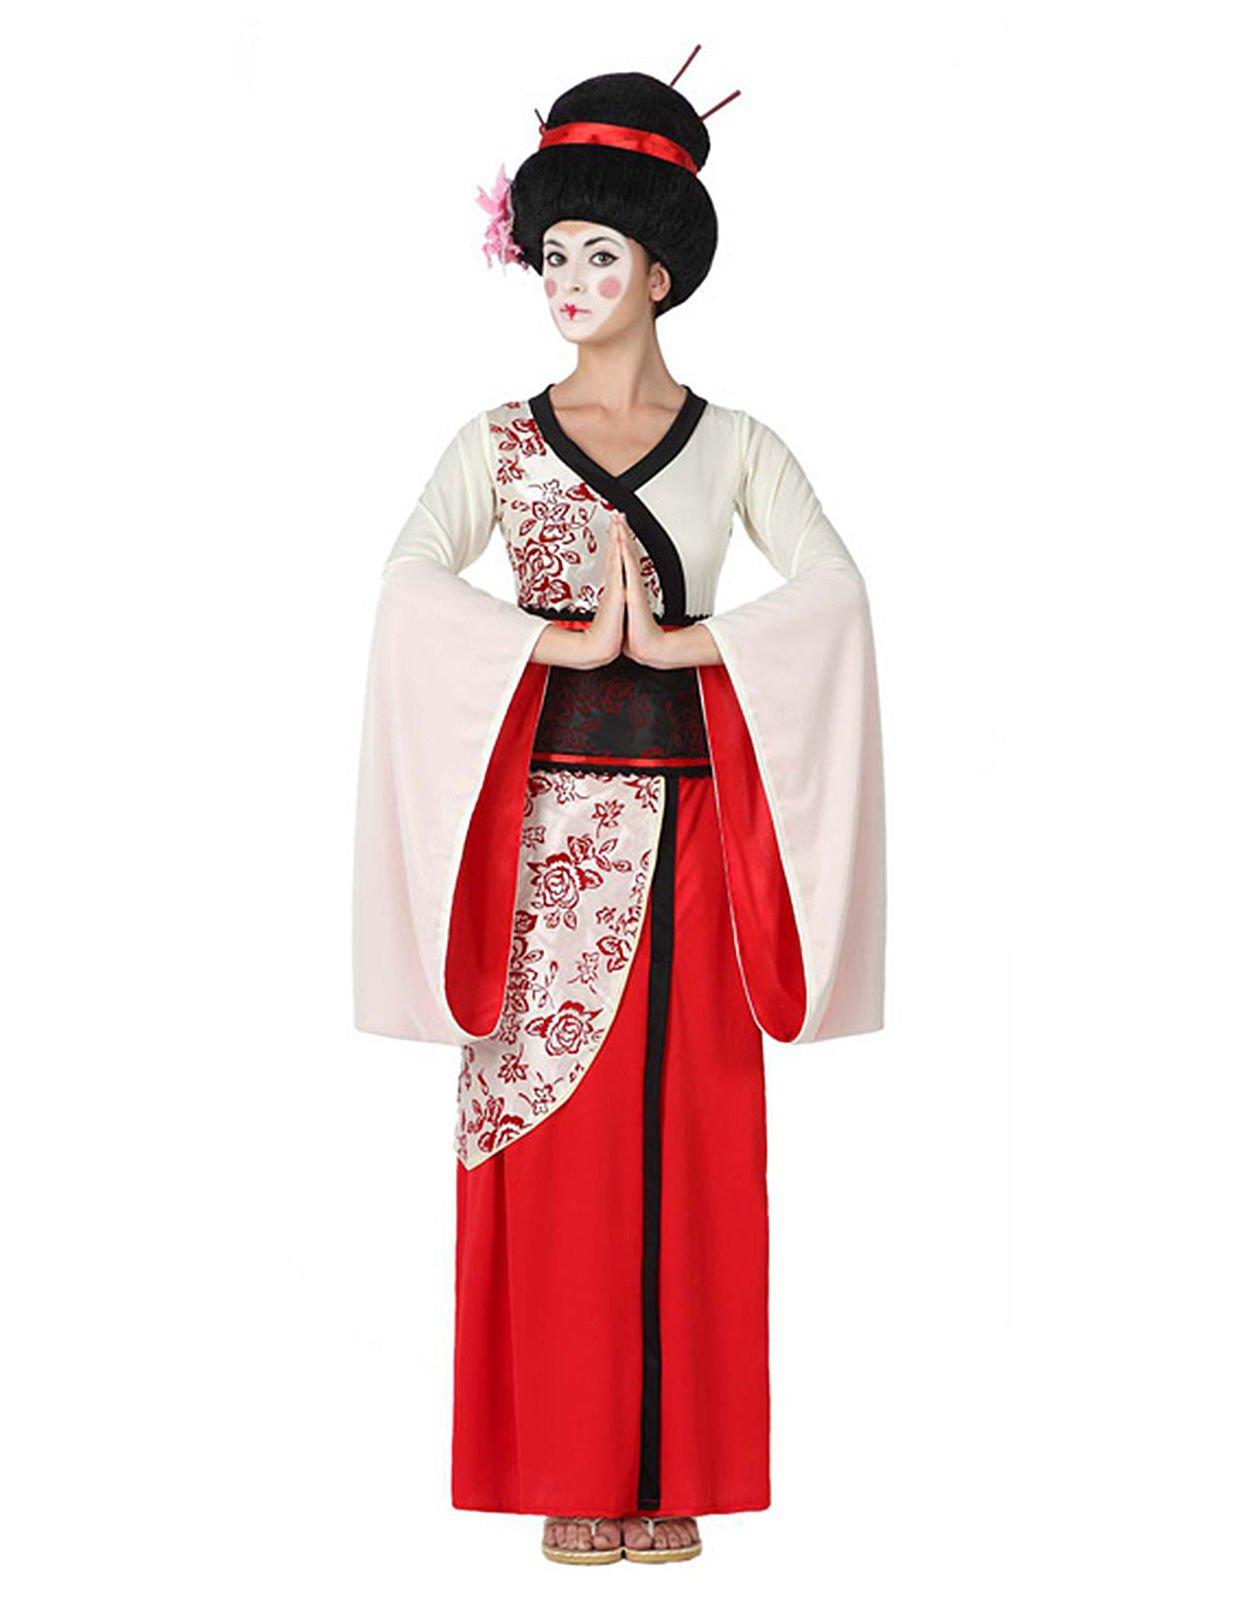 geisha damenkost m rot weiss schwarz kost me f r erwachsene und g nstige faschingskost me vegaoo. Black Bedroom Furniture Sets. Home Design Ideas